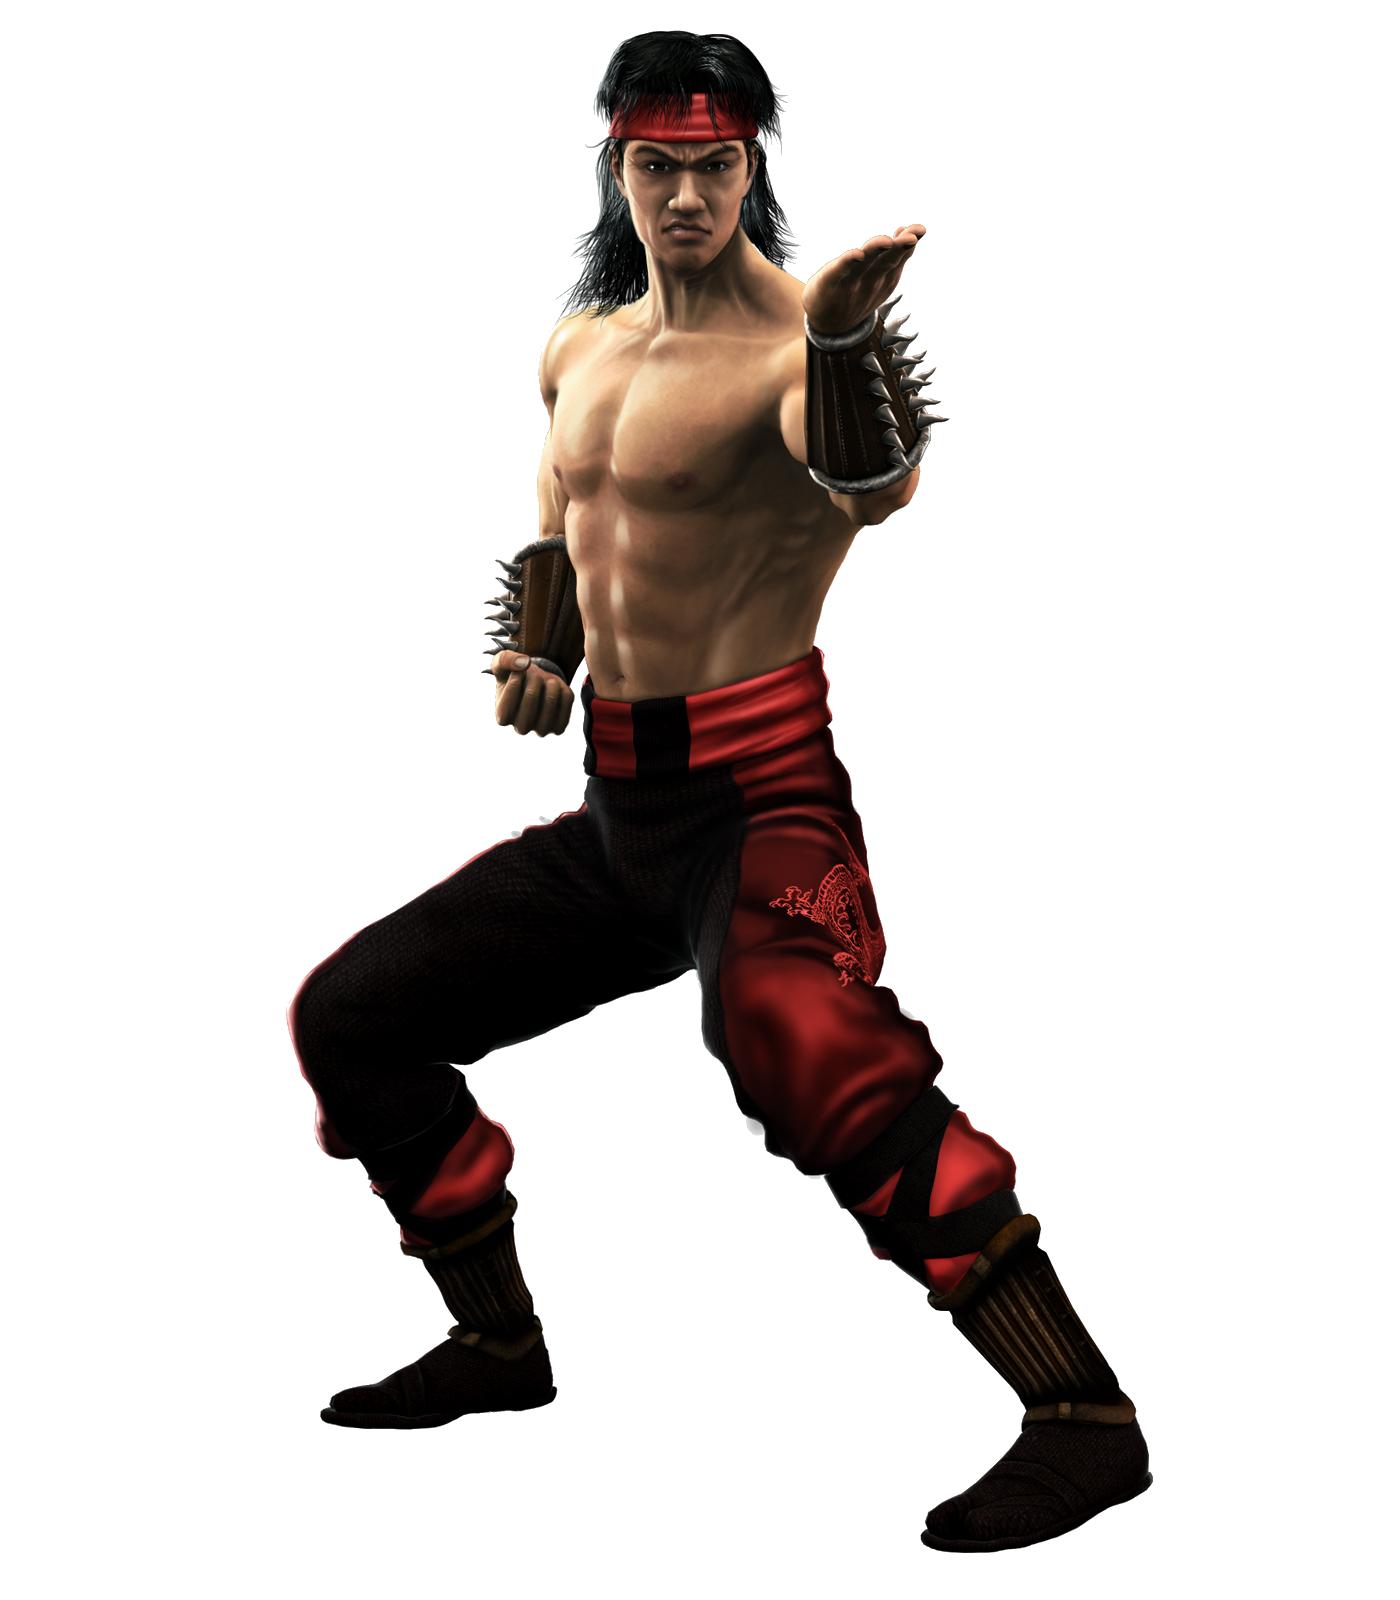 Mortal Kombat clipart #16, Download drawings